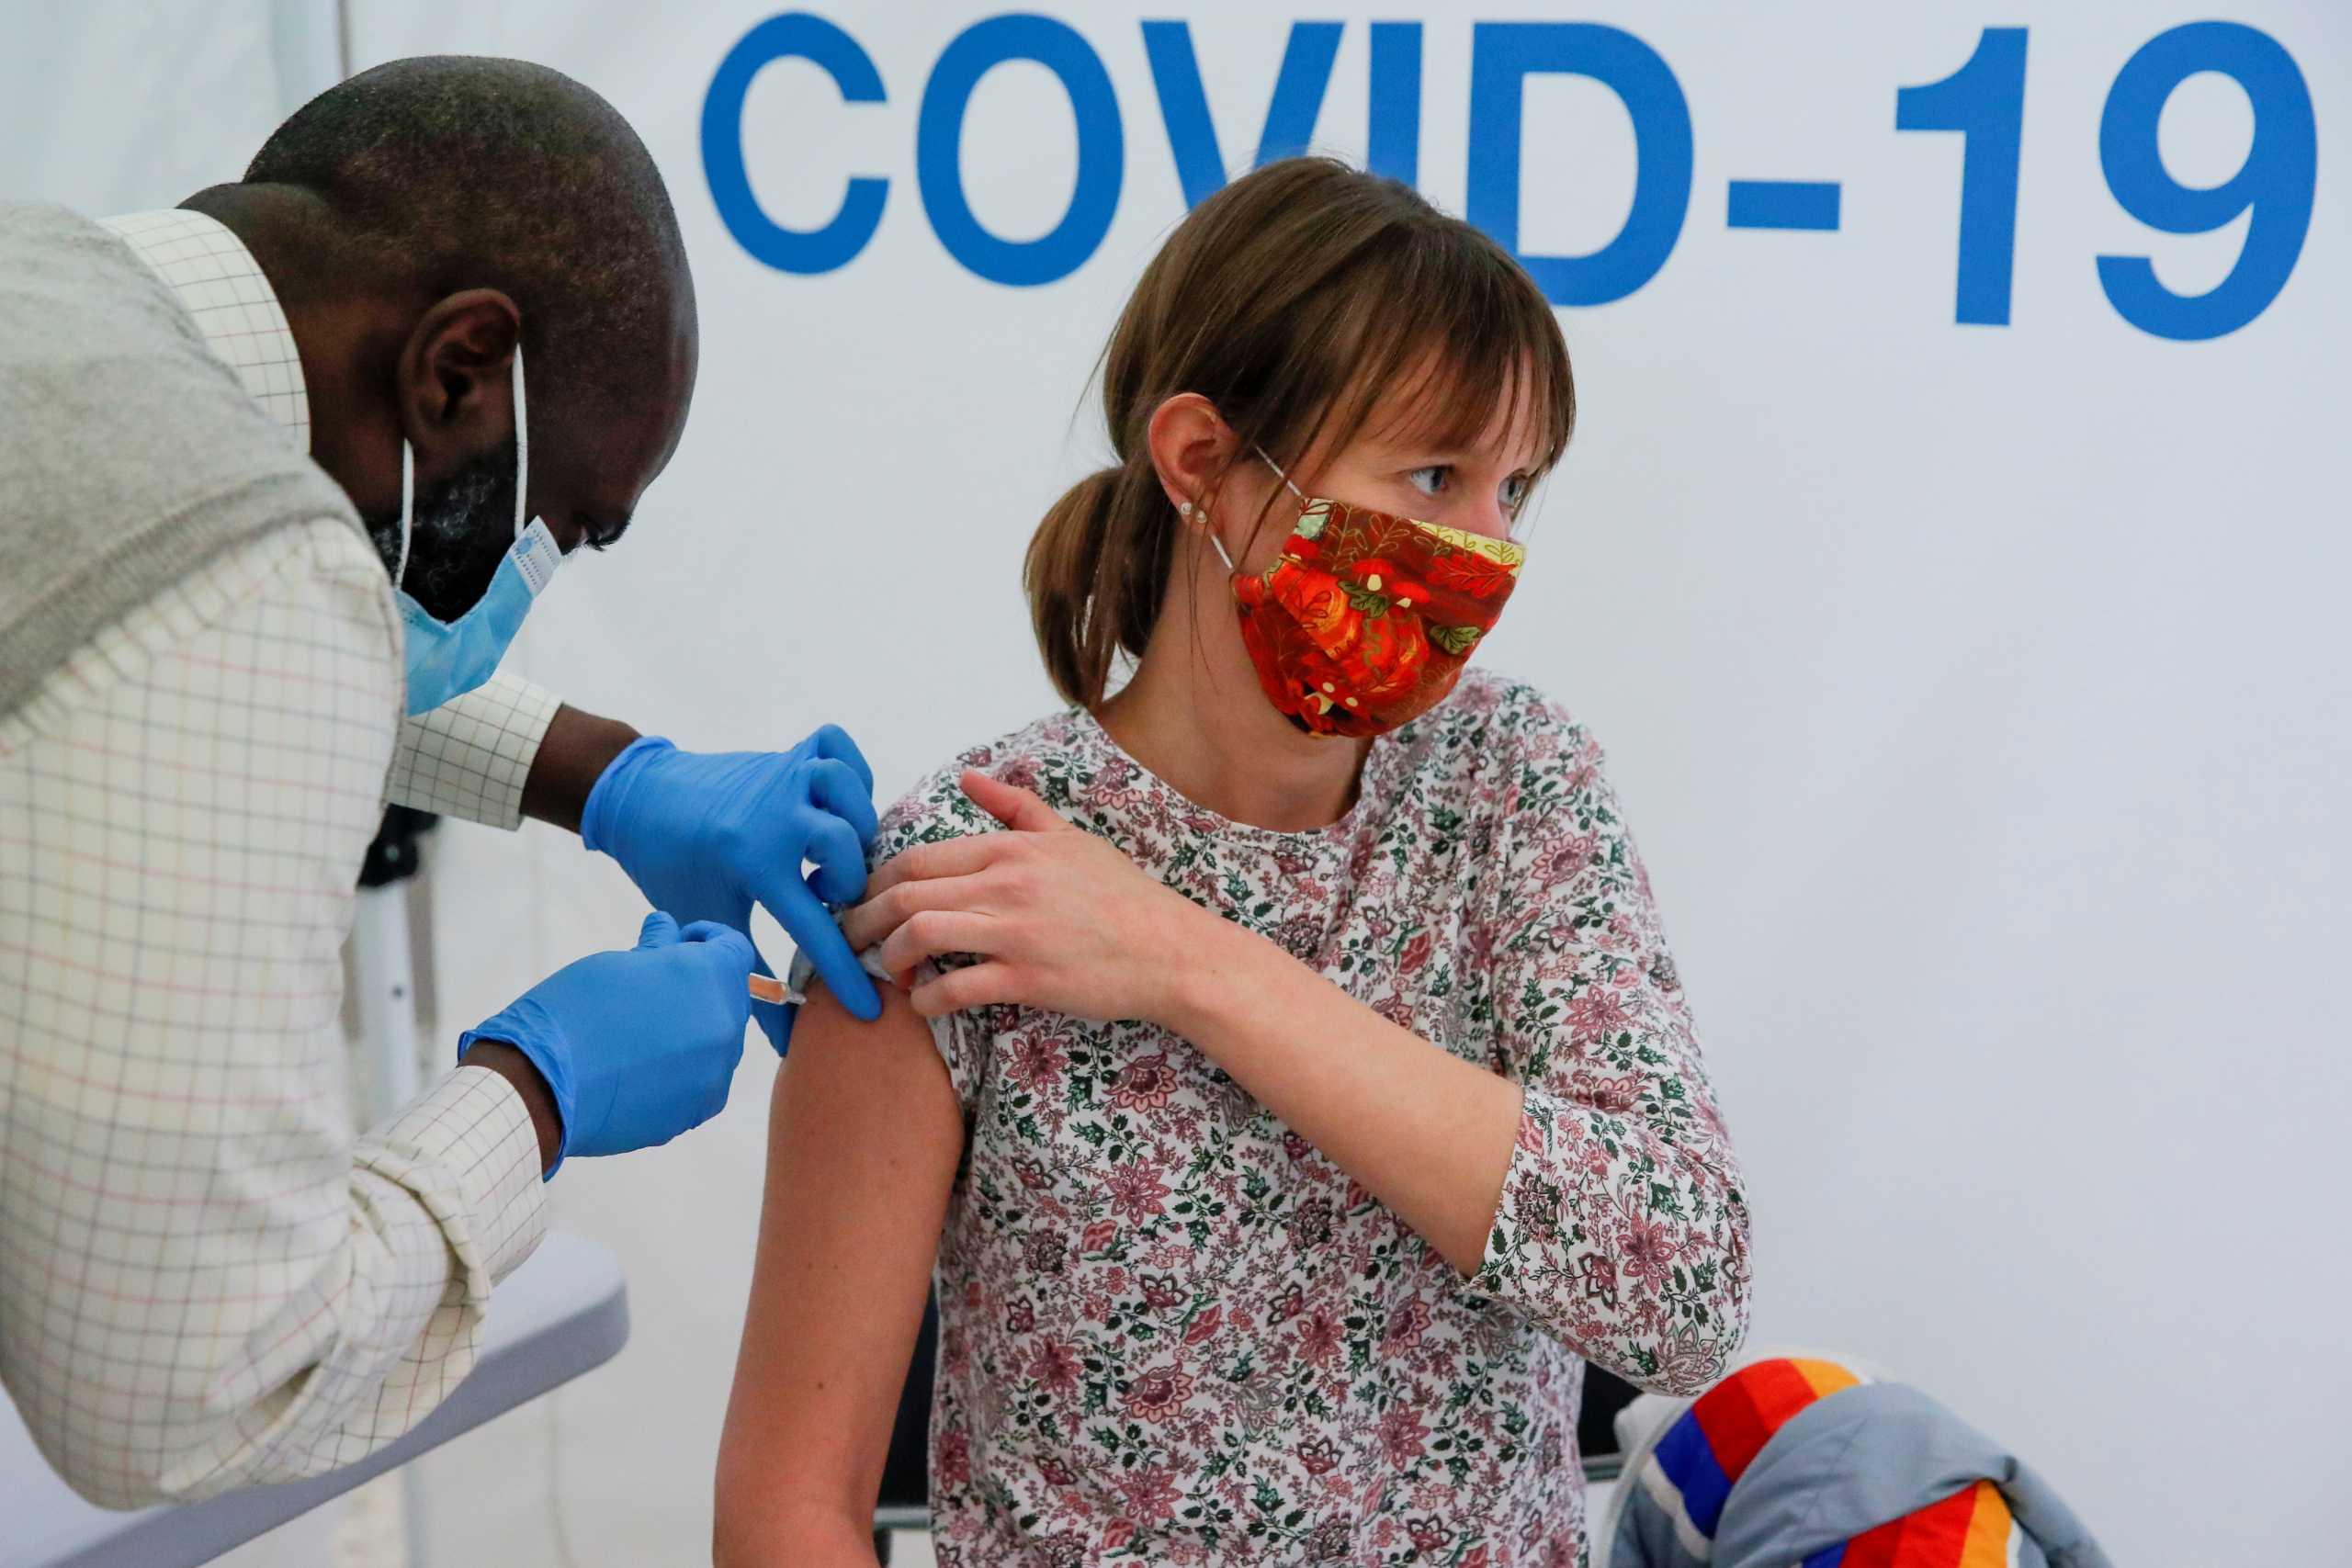 Κορονοϊός: Τα διαβατήρια εμβολιασμού διχάζουν τους βουλευτές στην Βρετανία